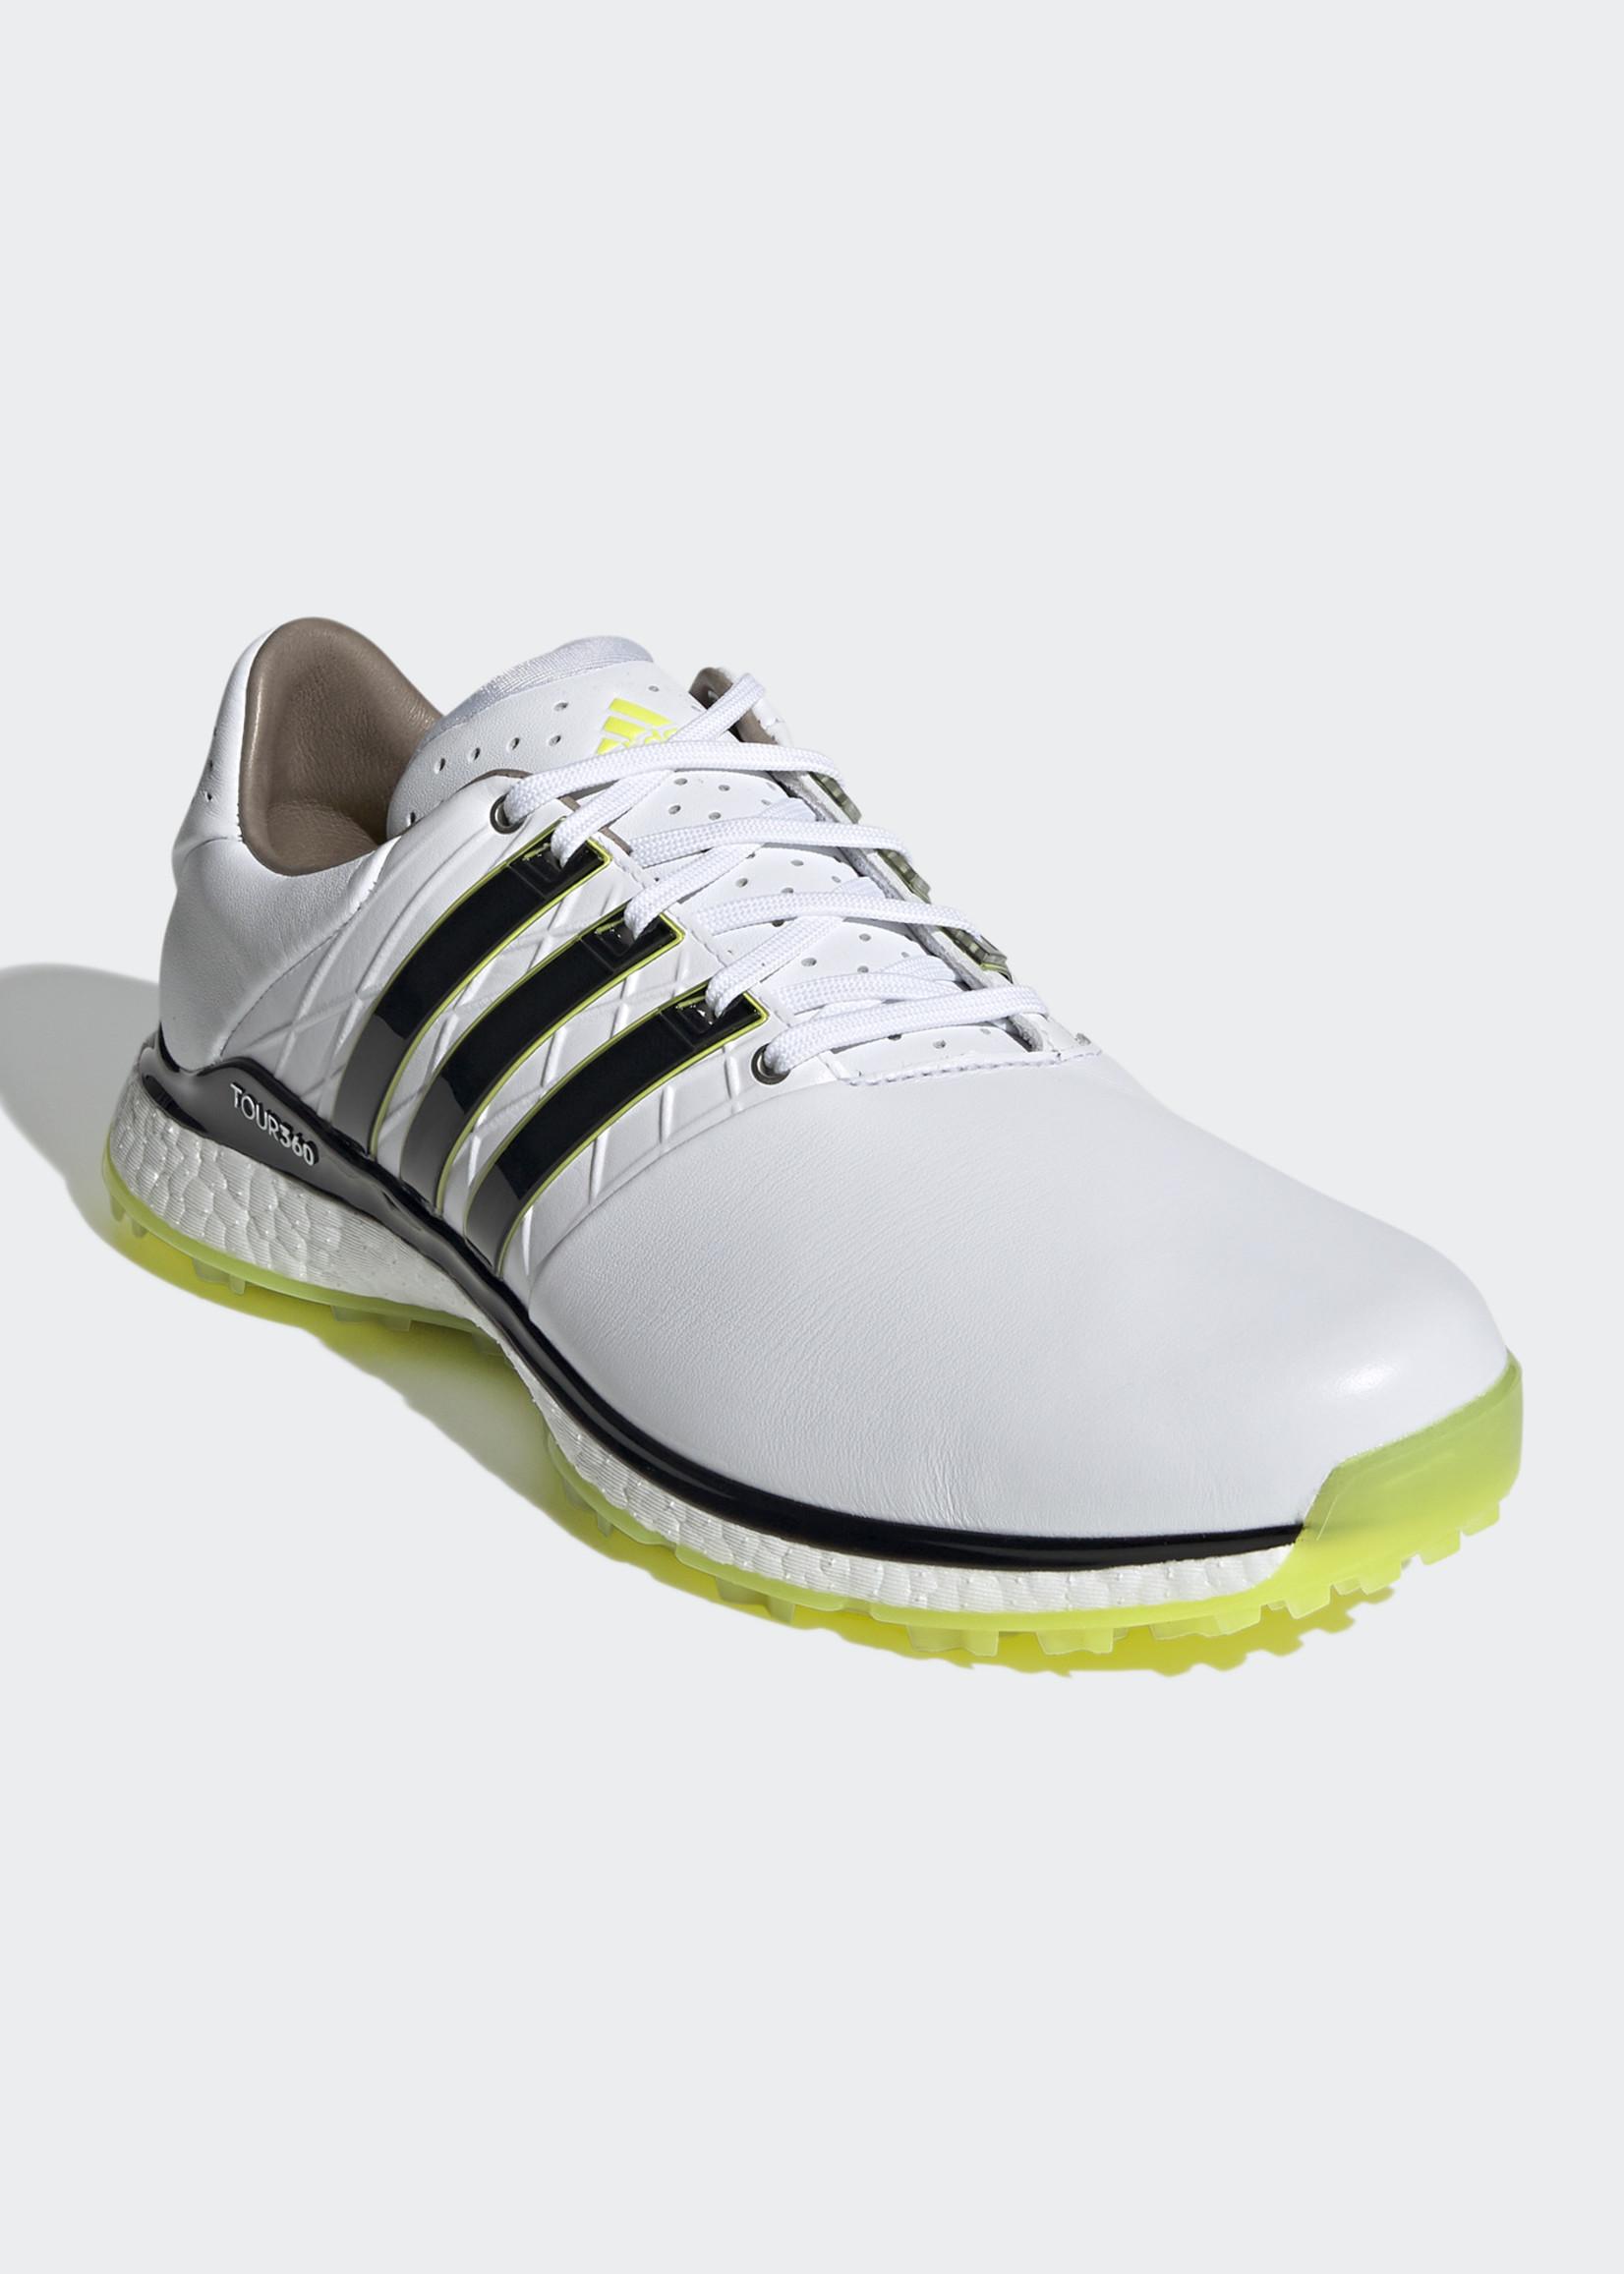 Adidas TOUR360 XT-SL 2     FTWWHT/CBLACK/ACIYEL